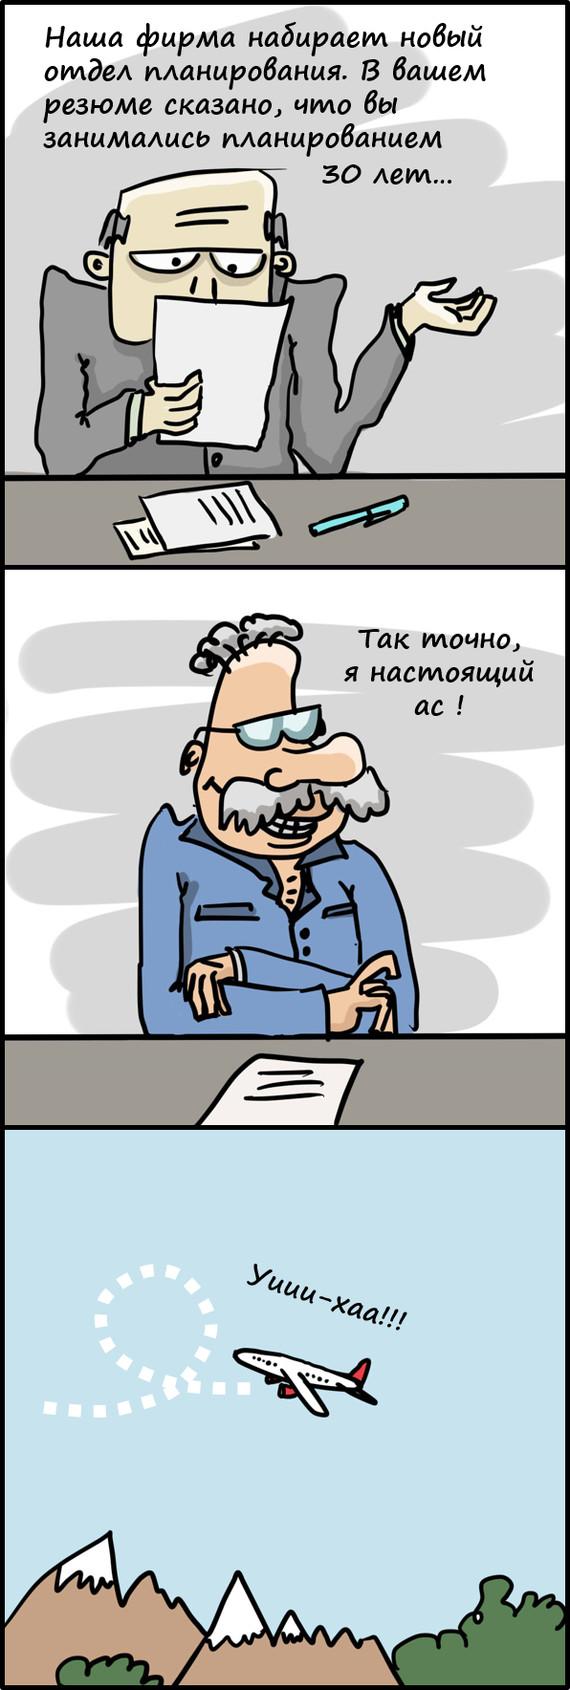 Отдел планирования Собеседование, Работа, Трудоустройство, Карикатура, Длиннопост, Комиксы